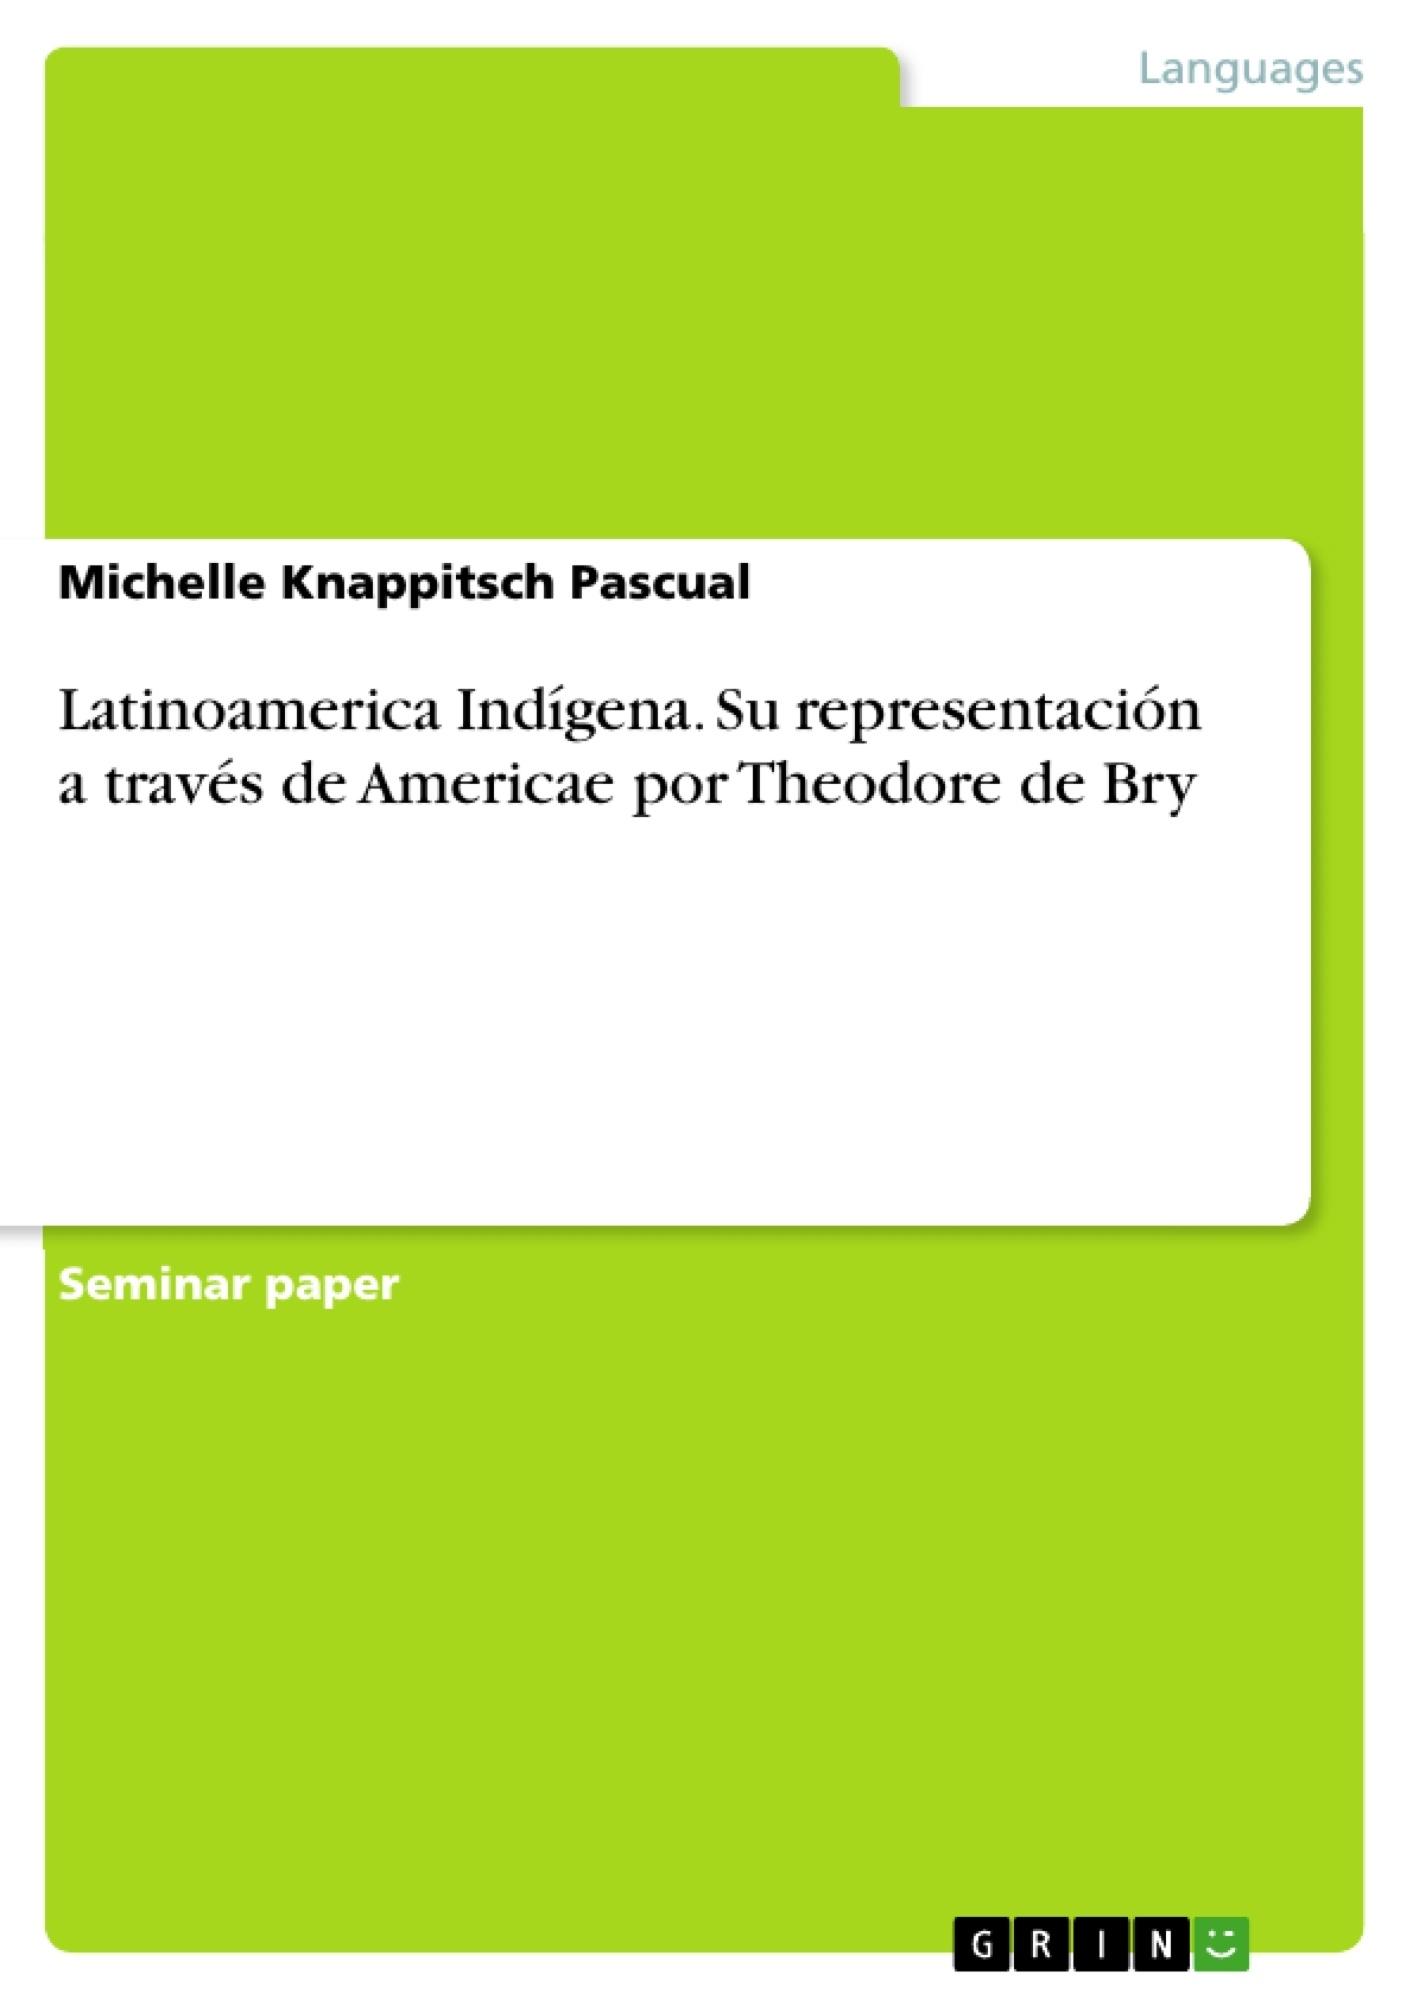 Título: Latinoamerica Indígena. Su representación a través de Americae por Theodore de Bry